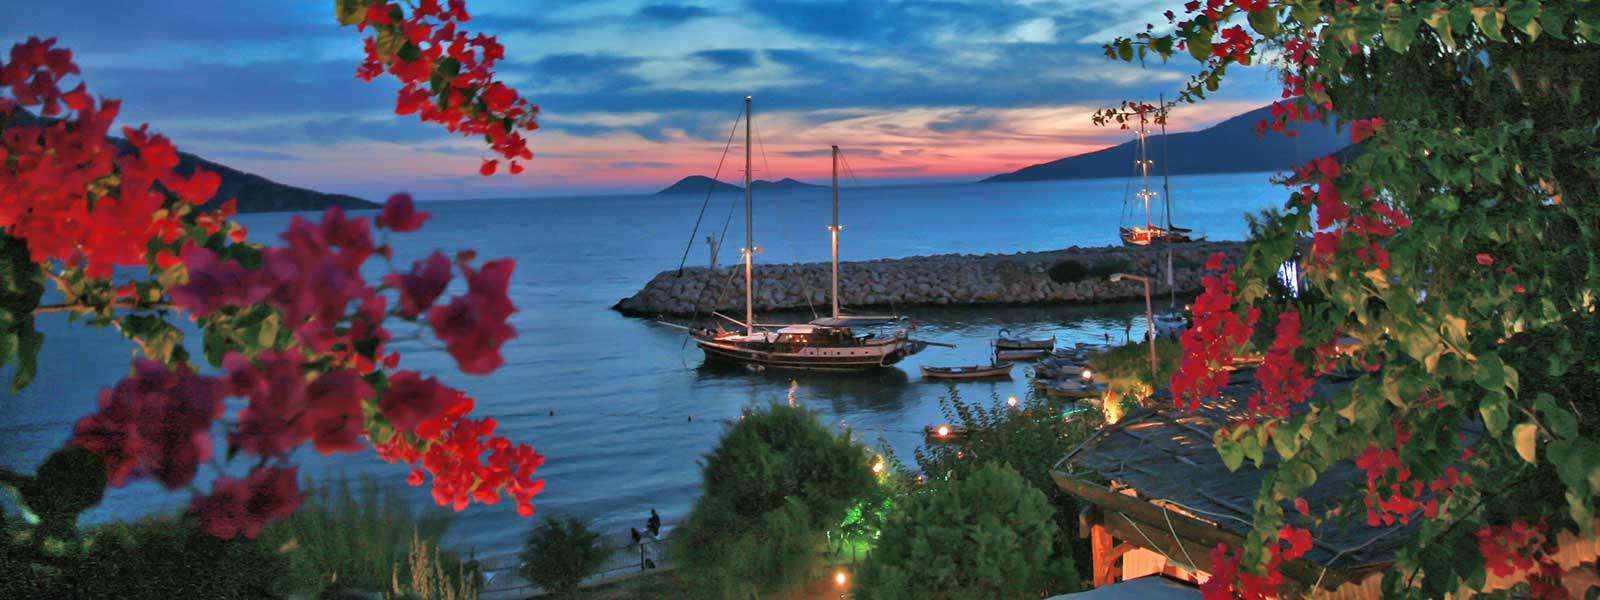 Luxury Mediterranean Hotels Turkey